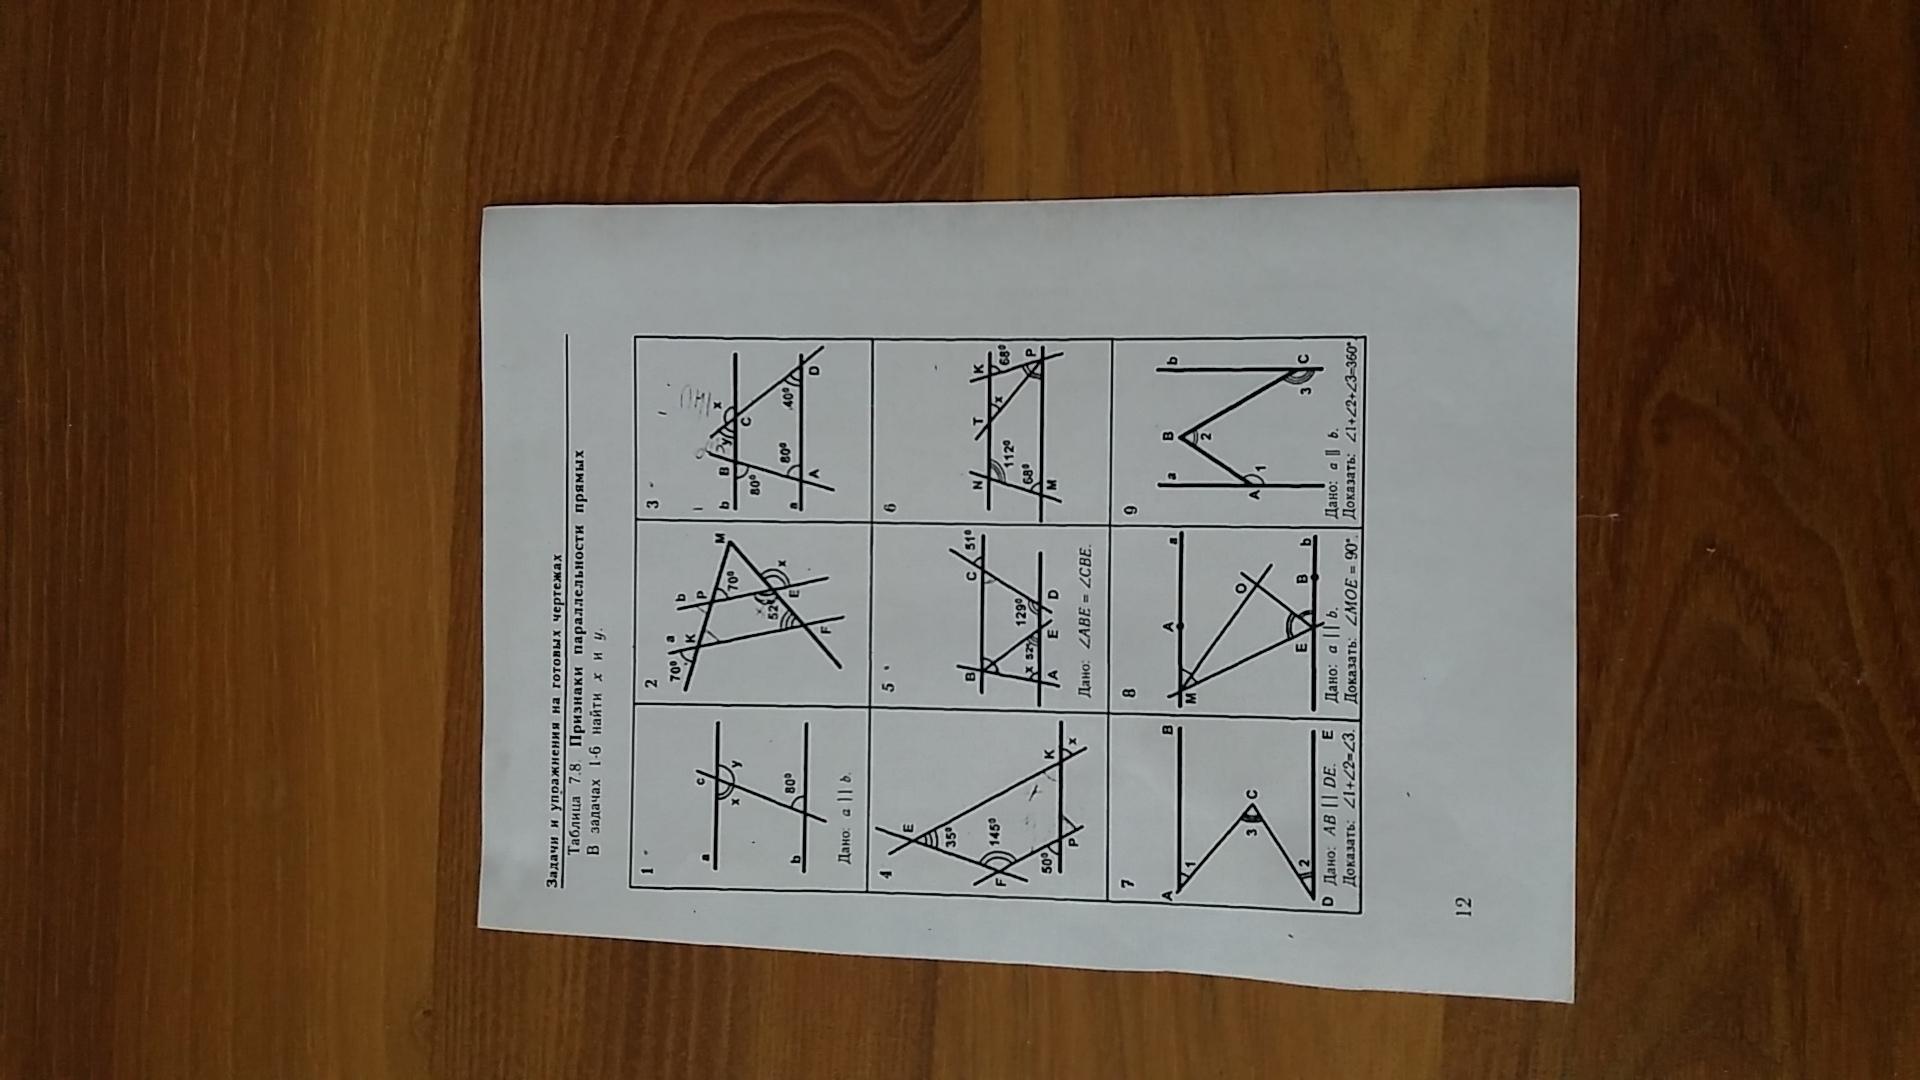 Задачи на готовых чертежах ответы решения алгоритм решения геометрических задач